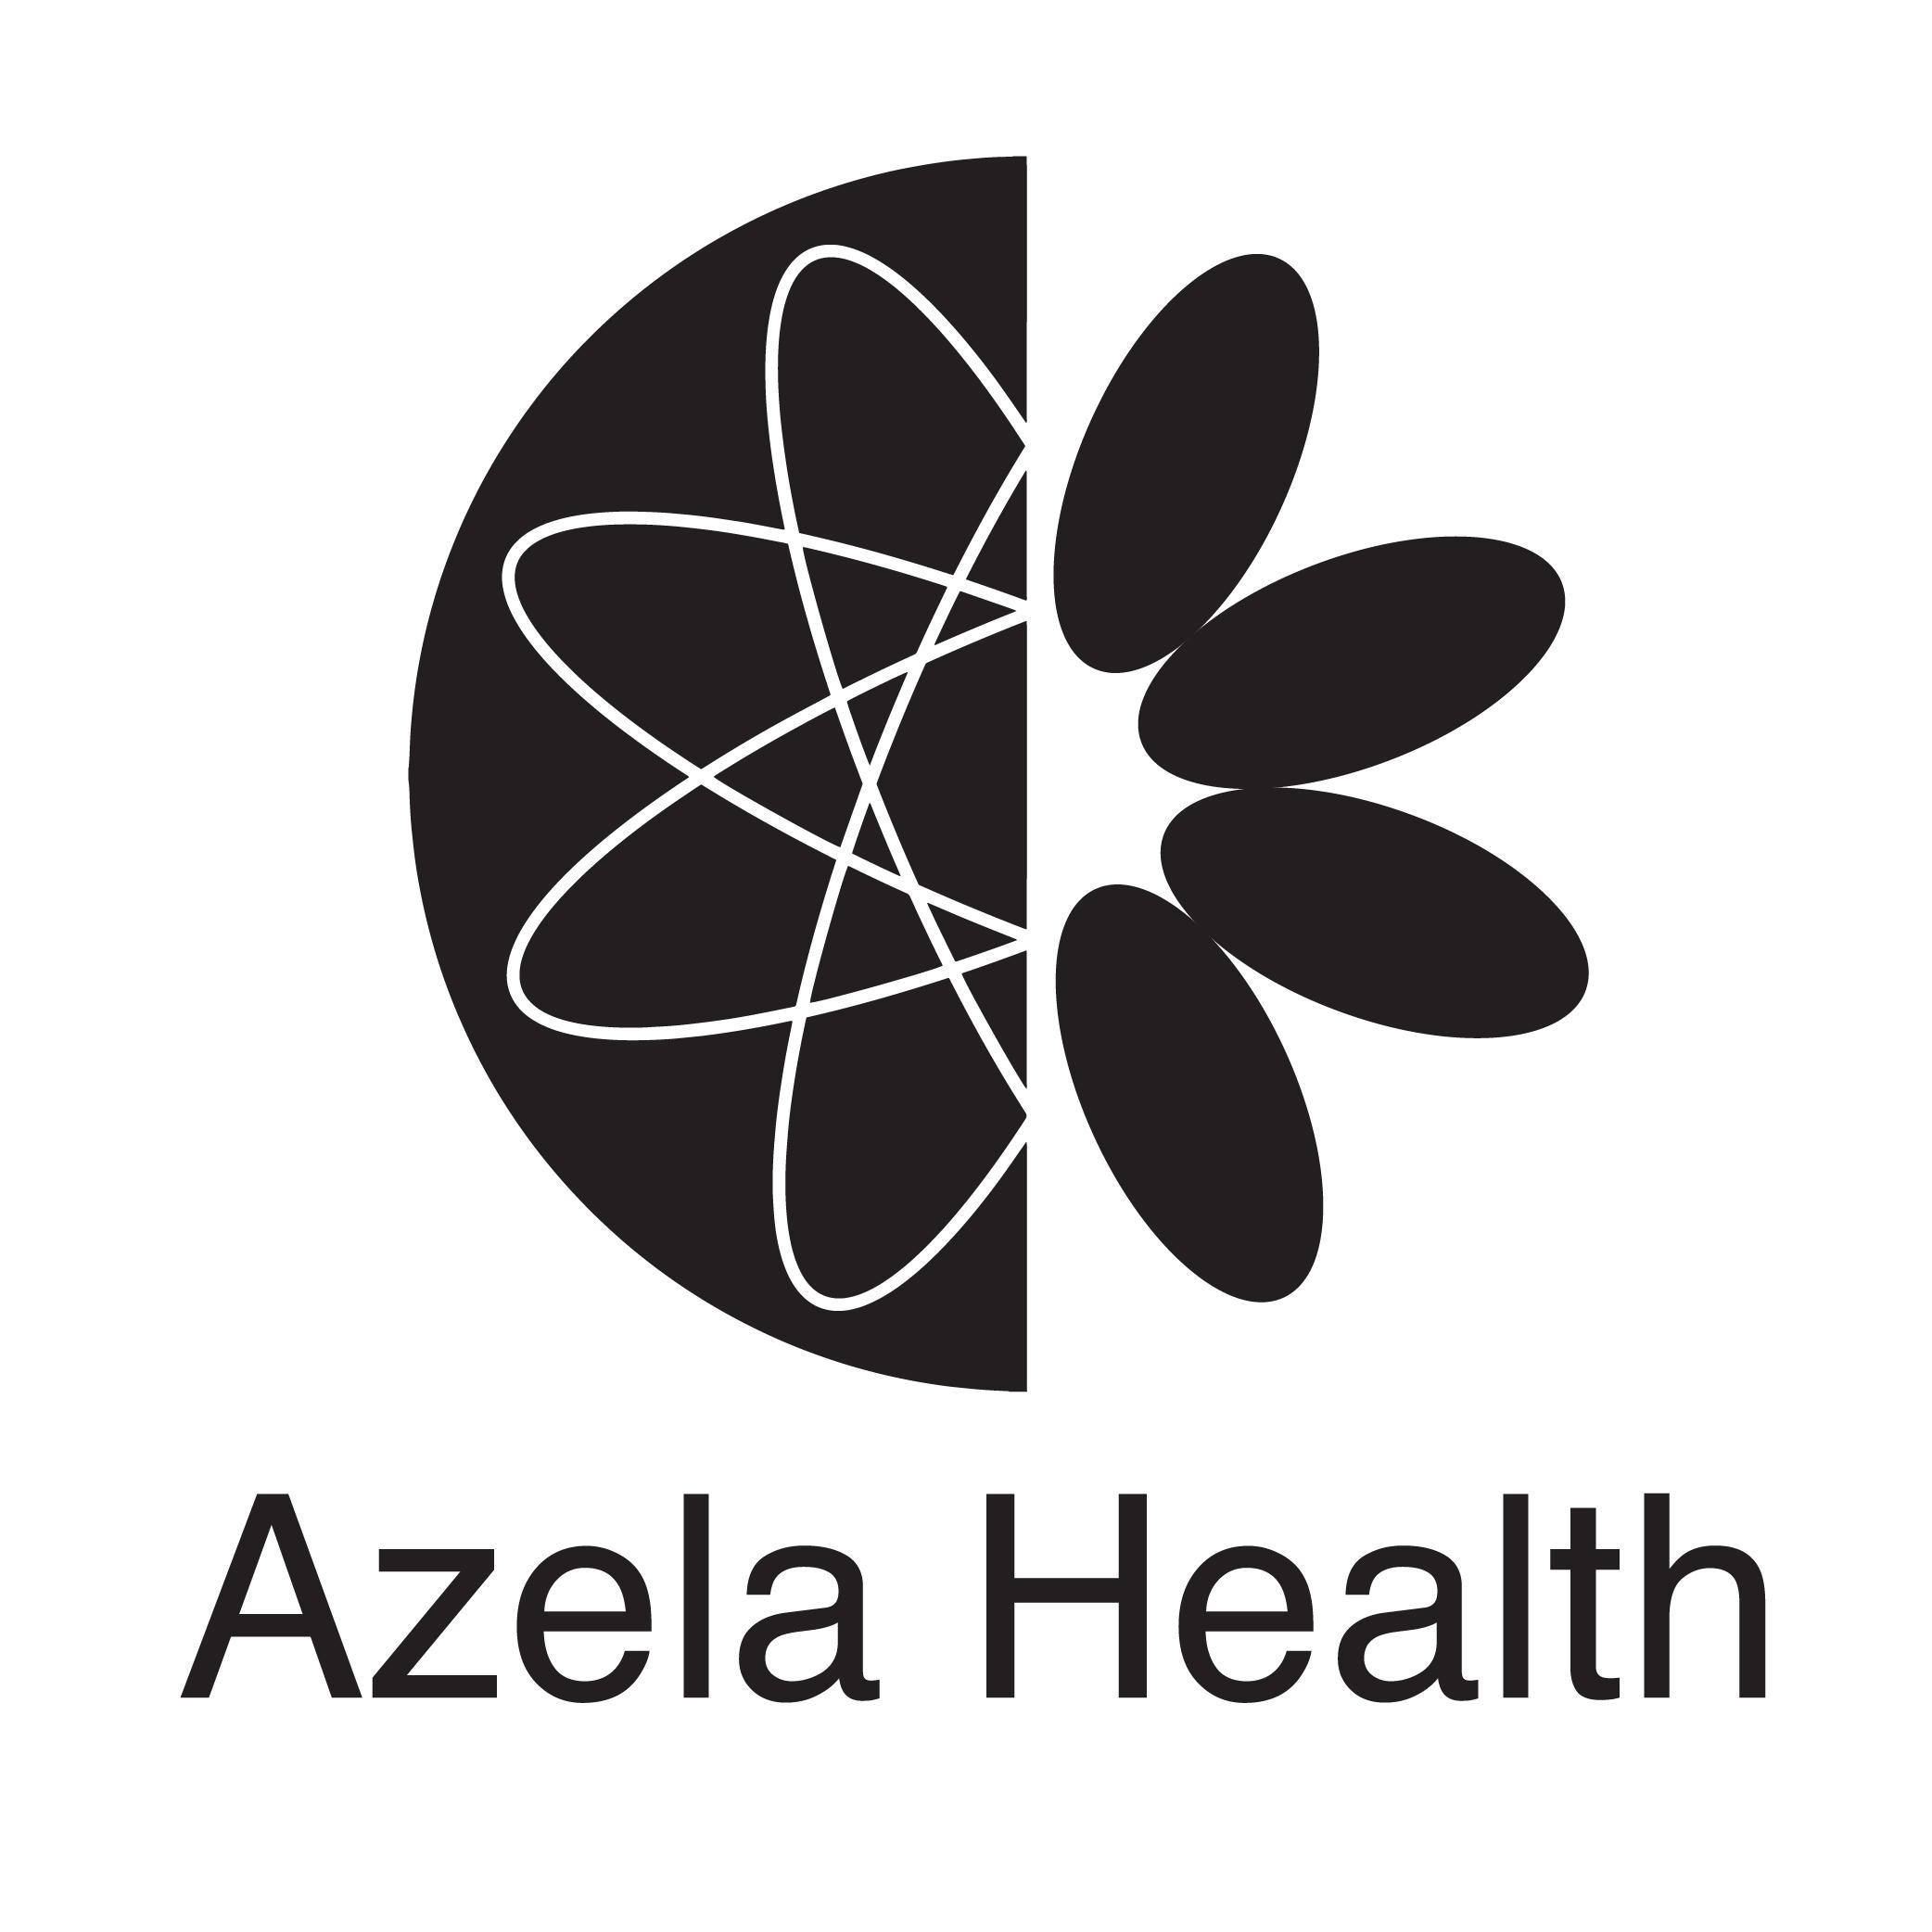 Azela Health